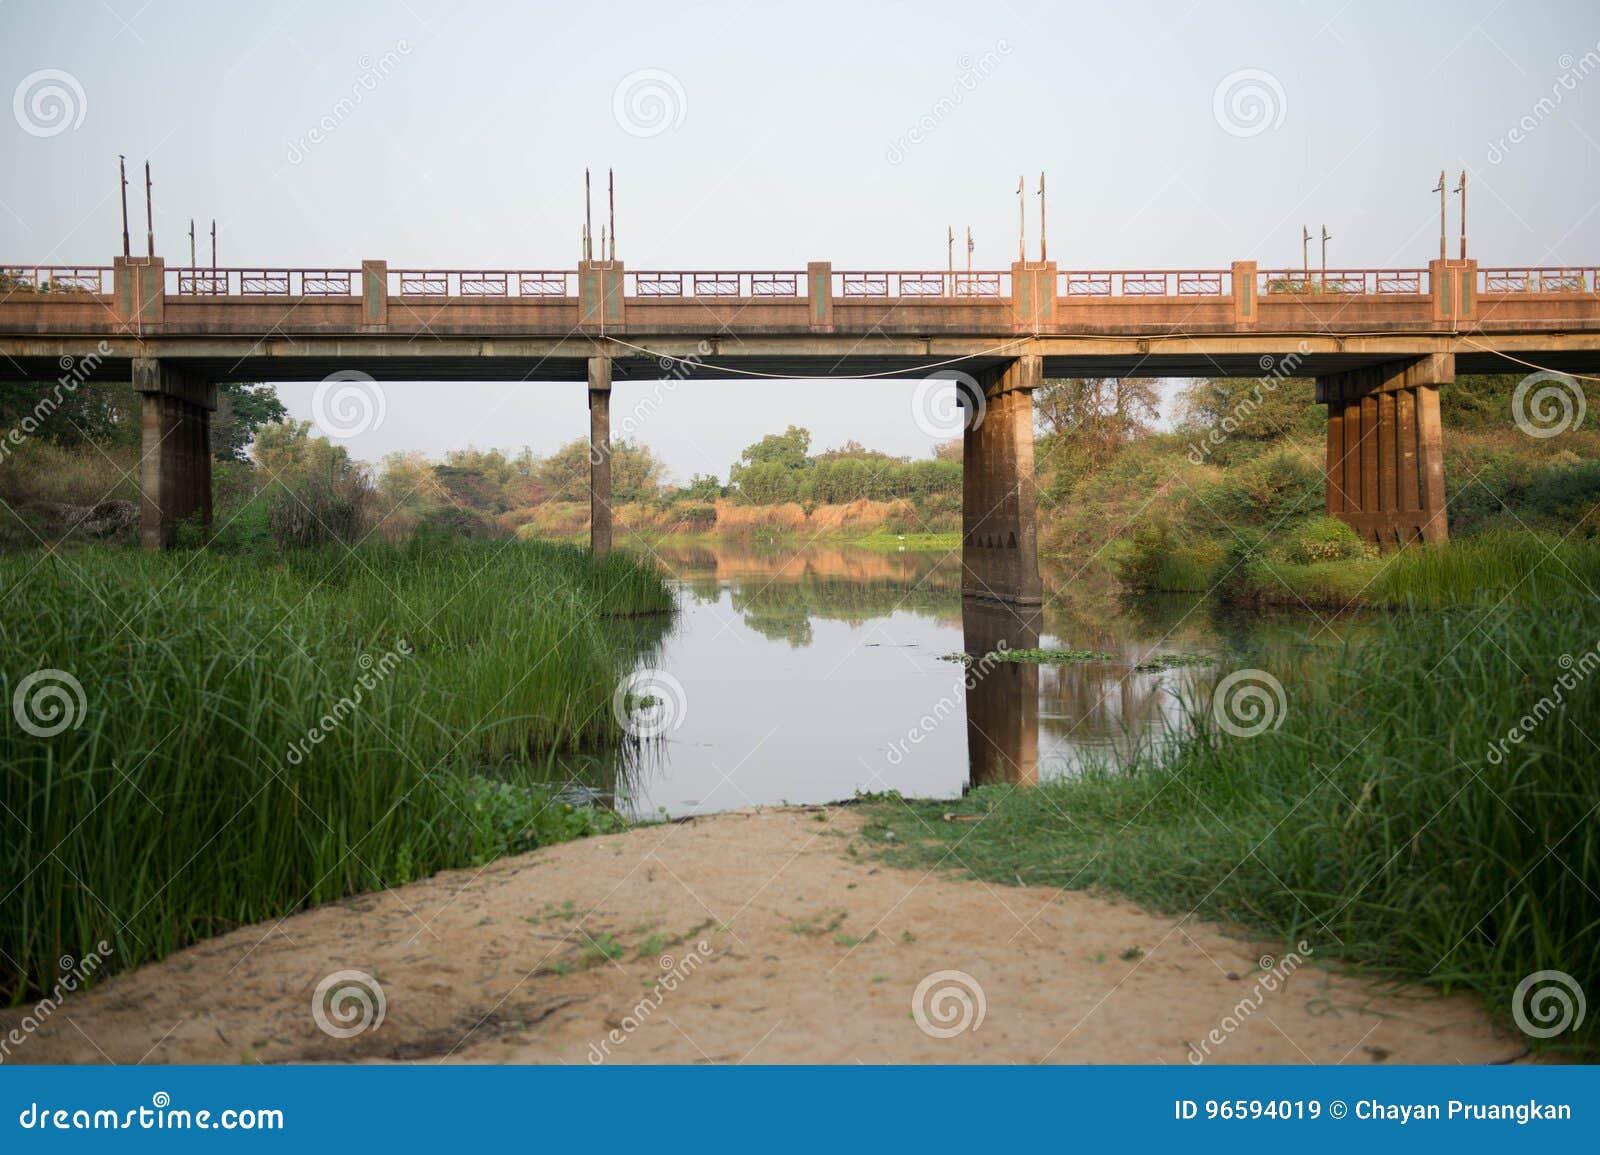 Agua, suelo, vegetación, puente